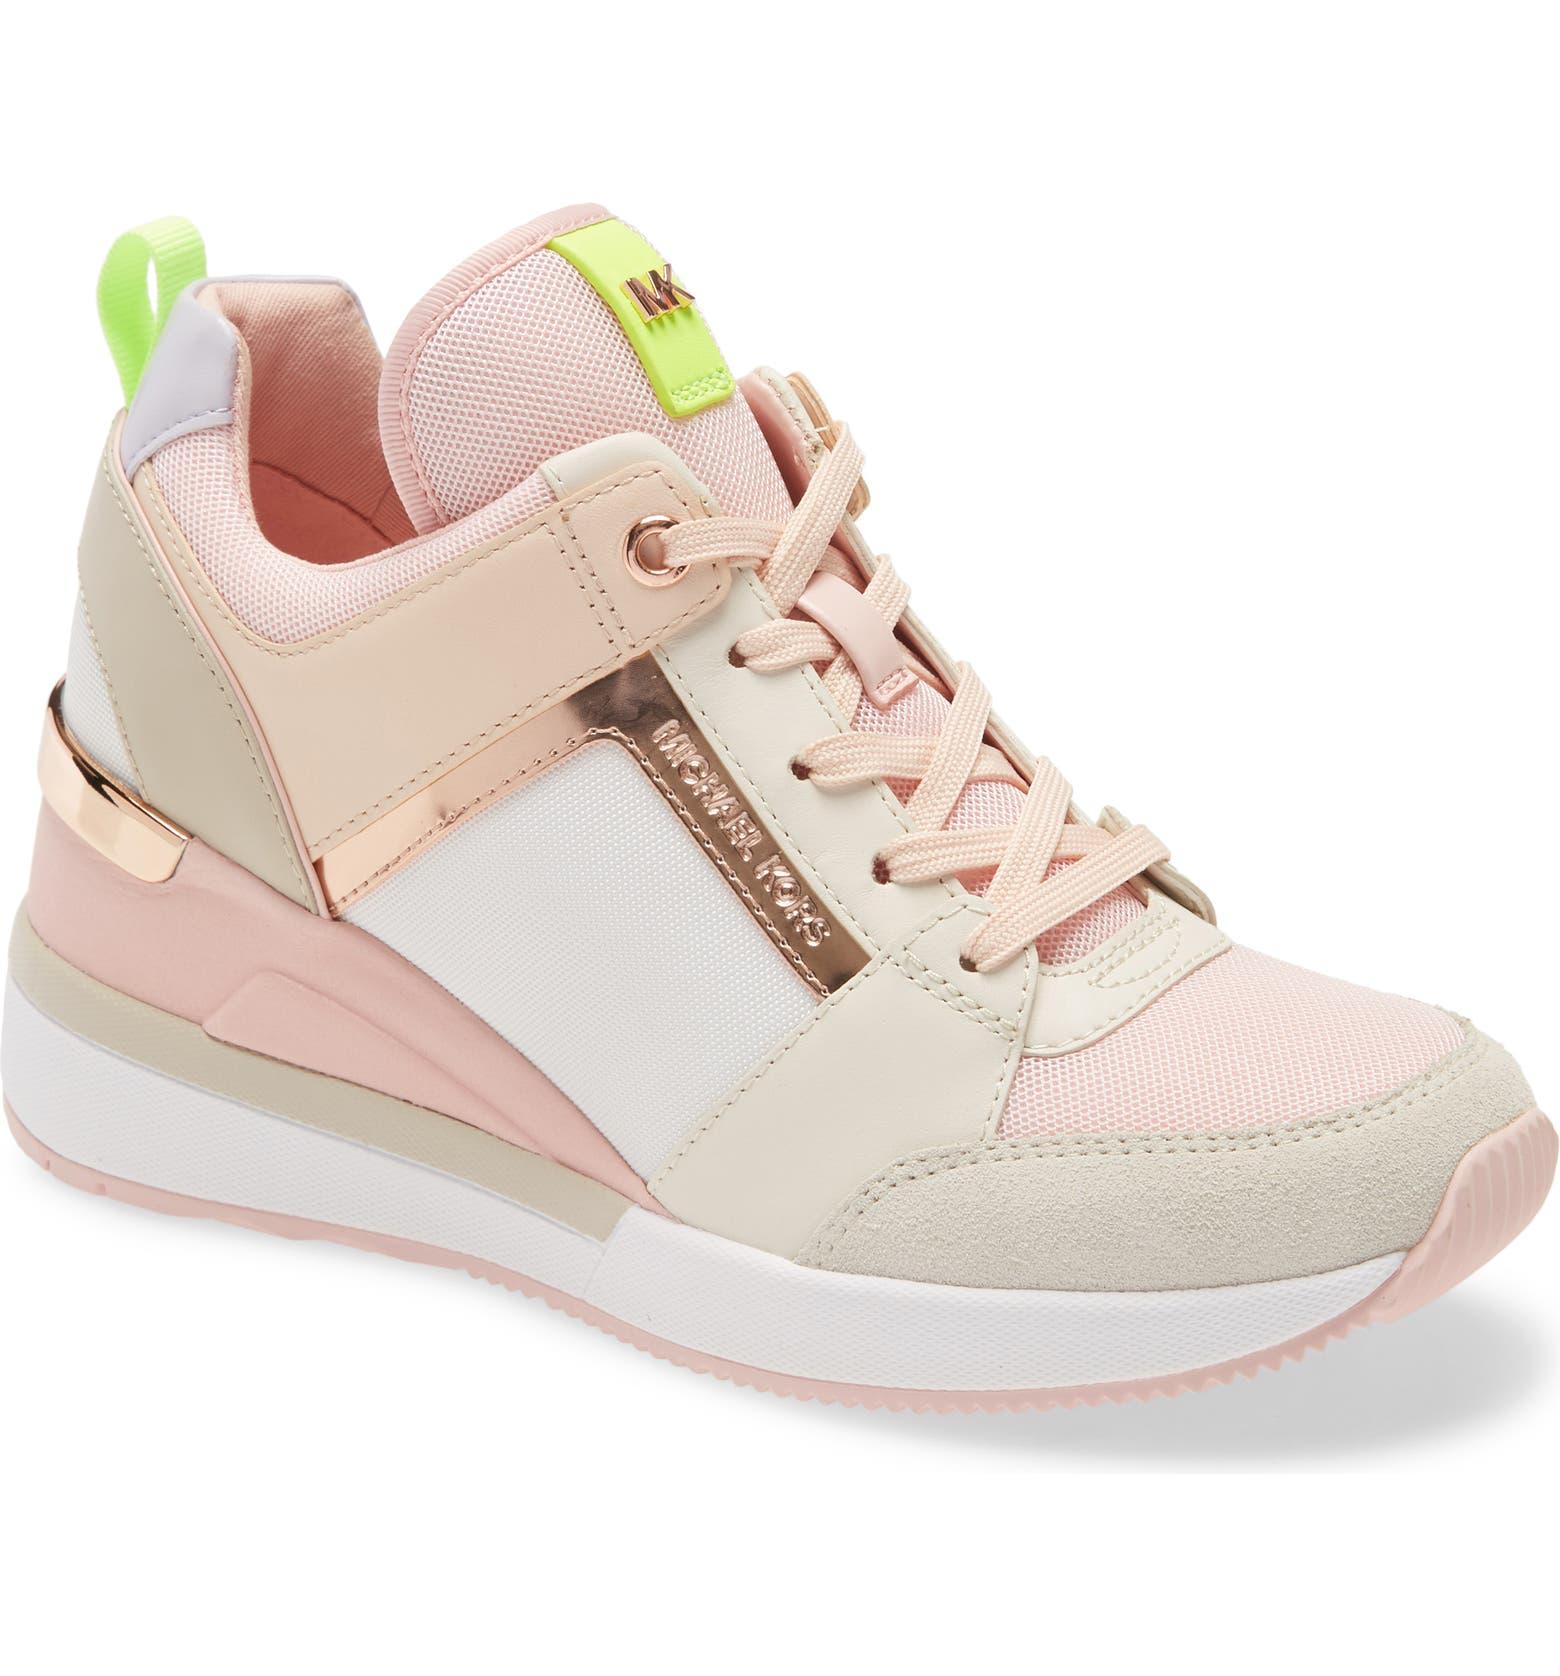 tenis zapato plataforma Michael Kors rosa